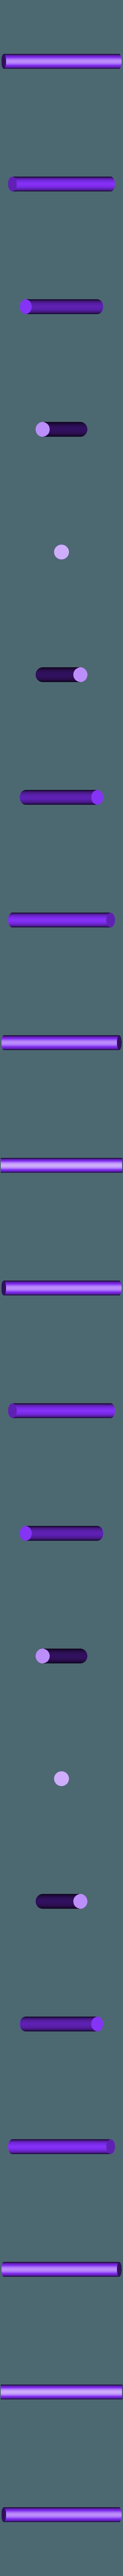 Foot-Left-Pin.stl Télécharger fichier STL gratuit Big Optimus Prime! - Modèle multi-matériaux • Plan pour imprimante 3D, ChaosCoreTech